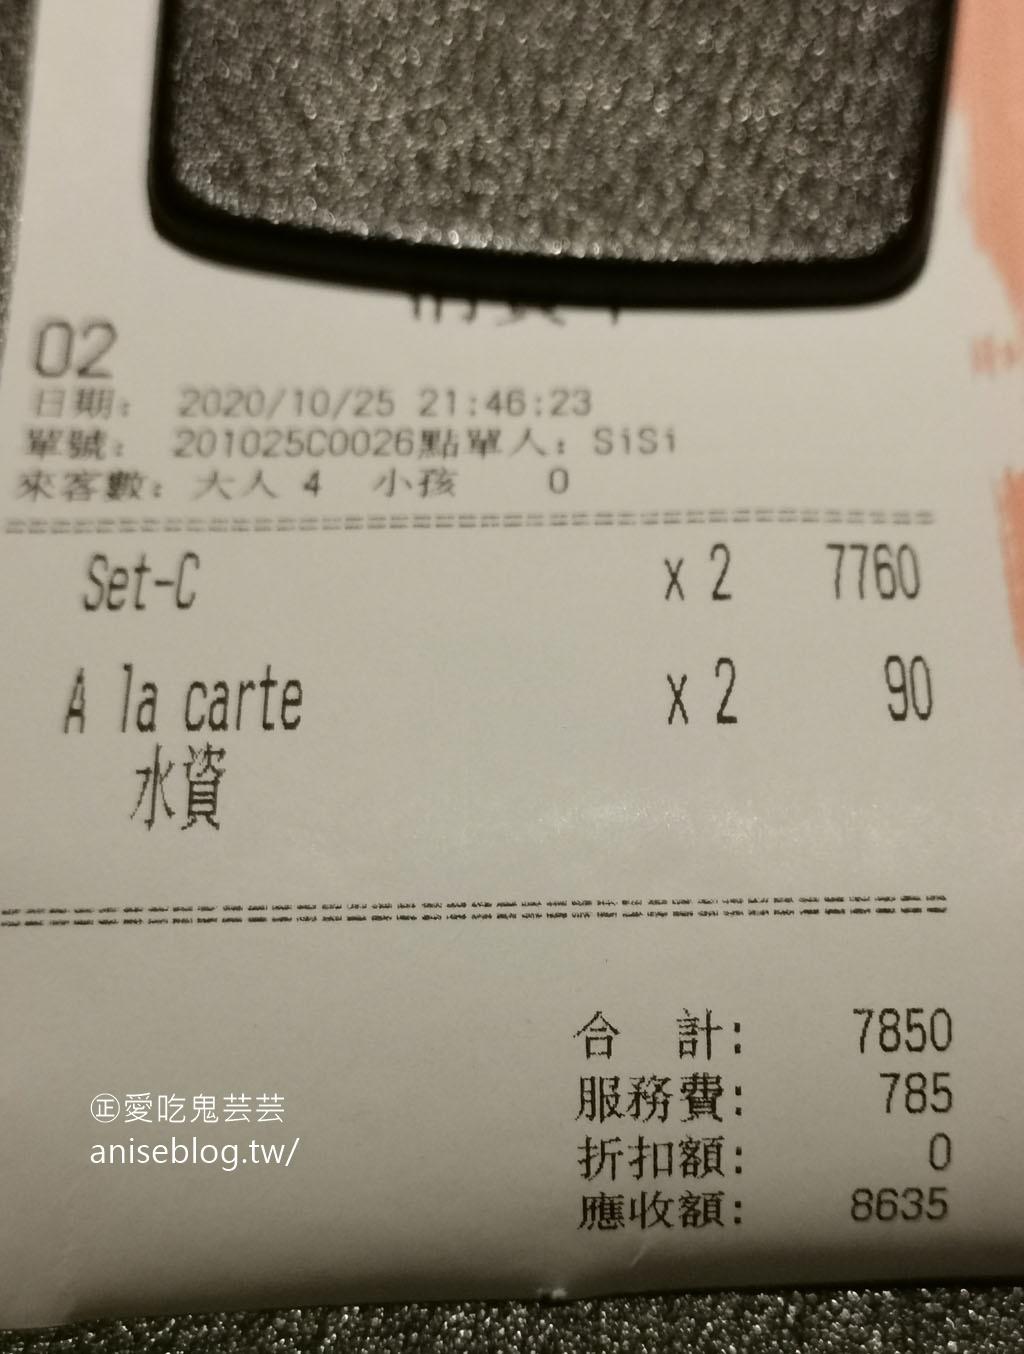 鹽之華法式餐廳,2020米其林一星餐廳,台灣首位女主廚無菜單料理太精彩!